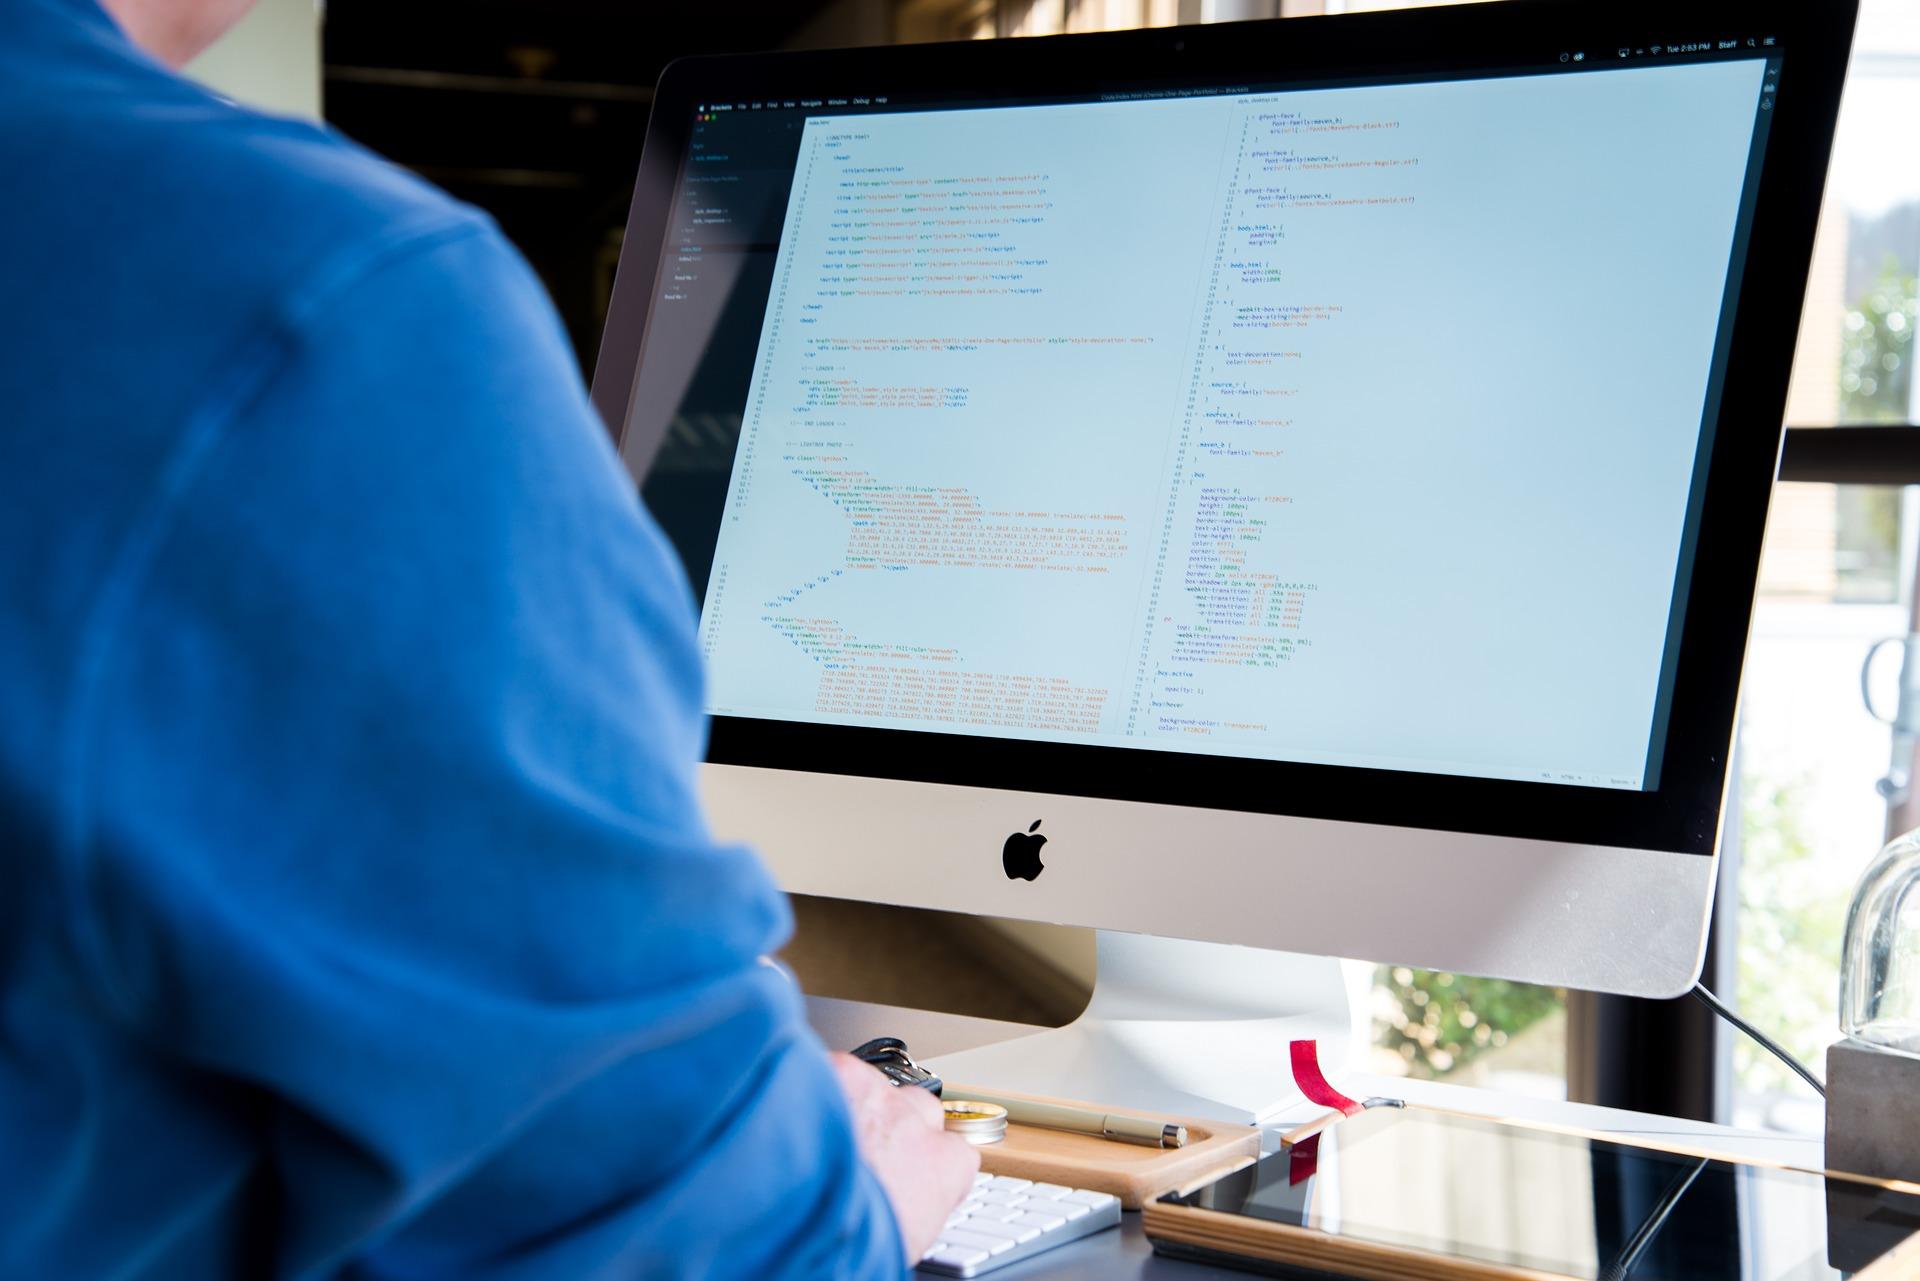 Homem programando em um Macbook.